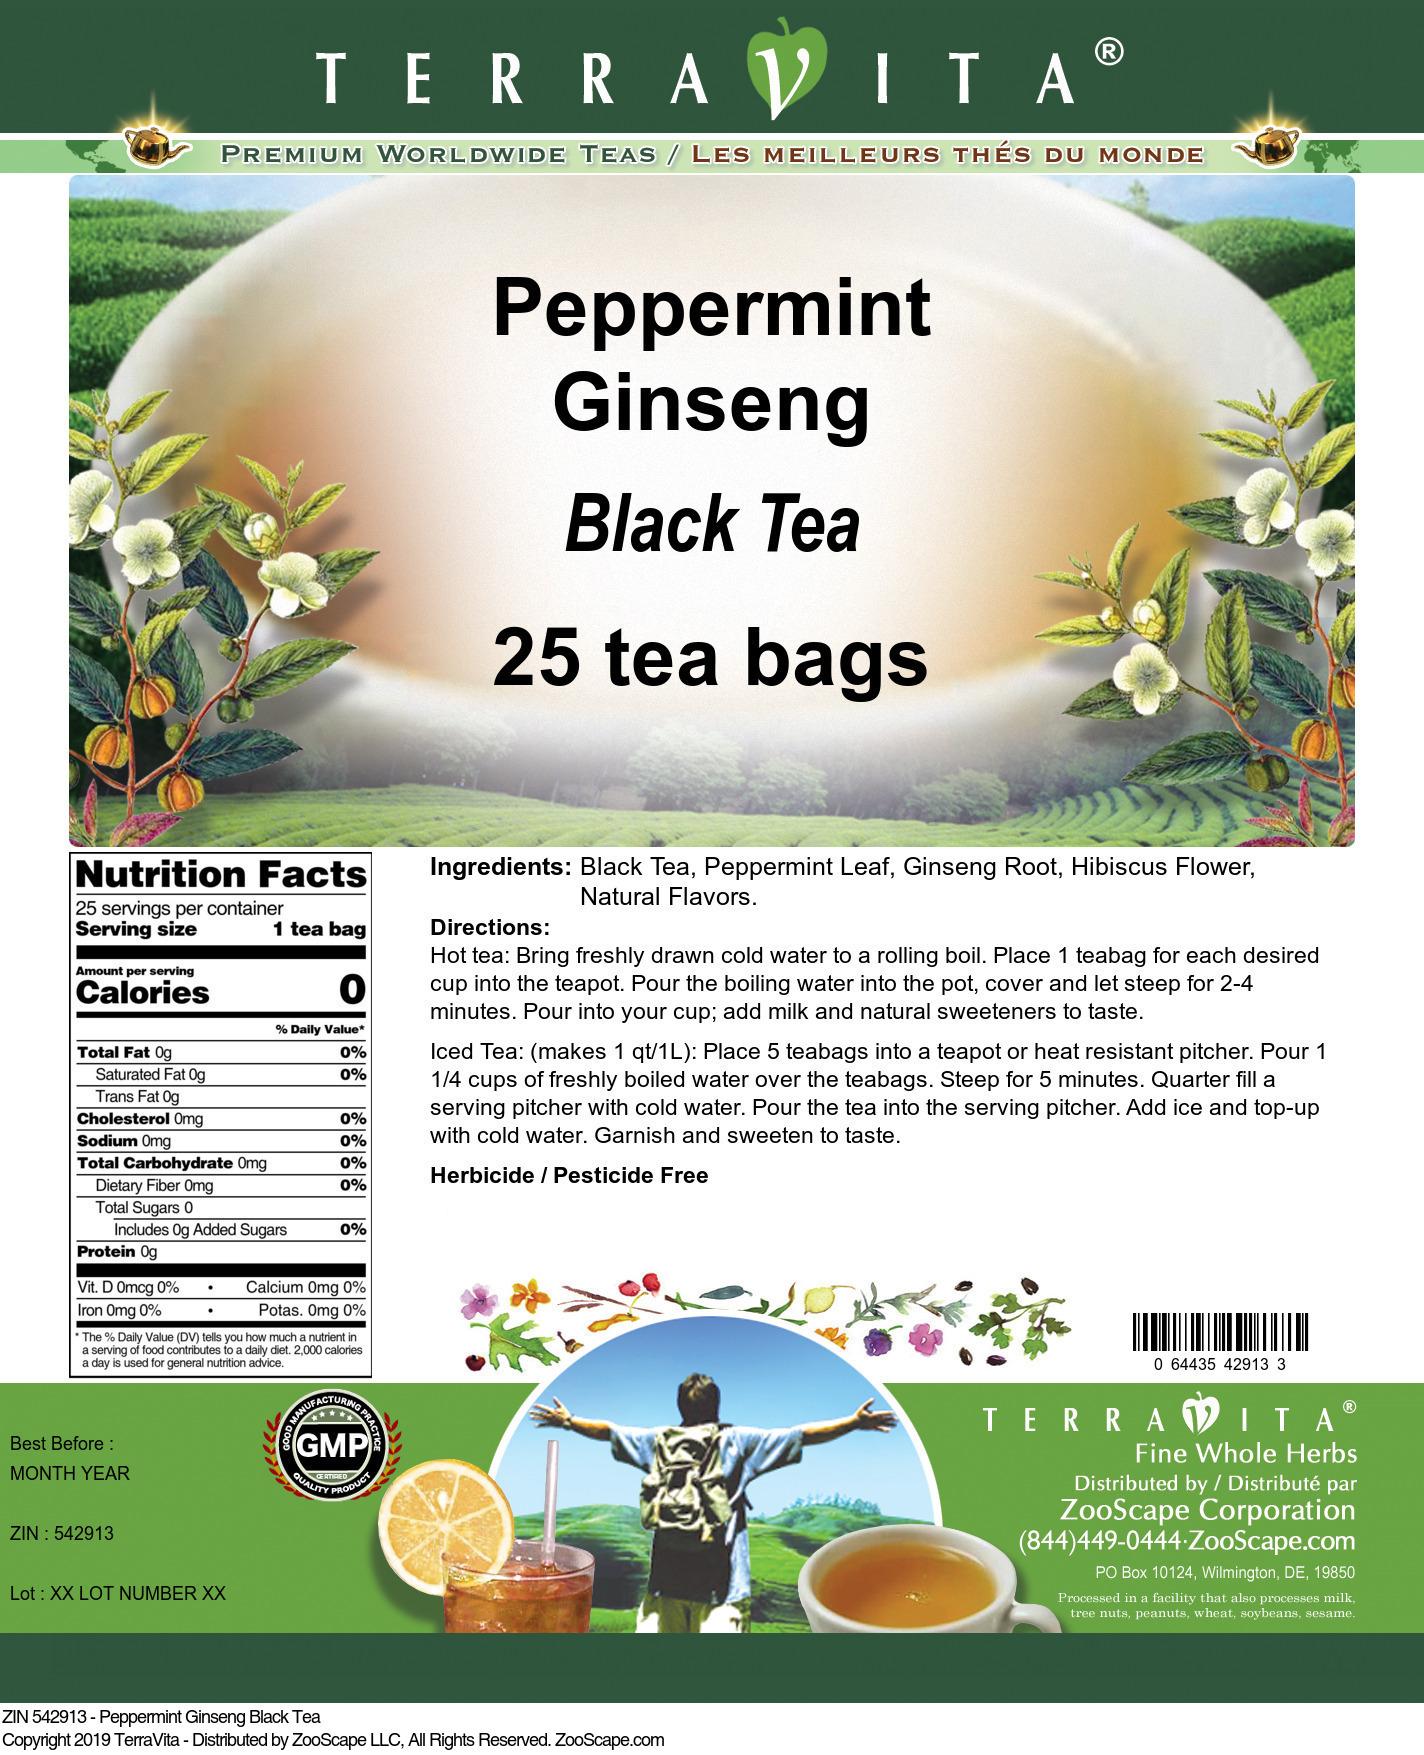 Peppermint Ginseng Black Tea